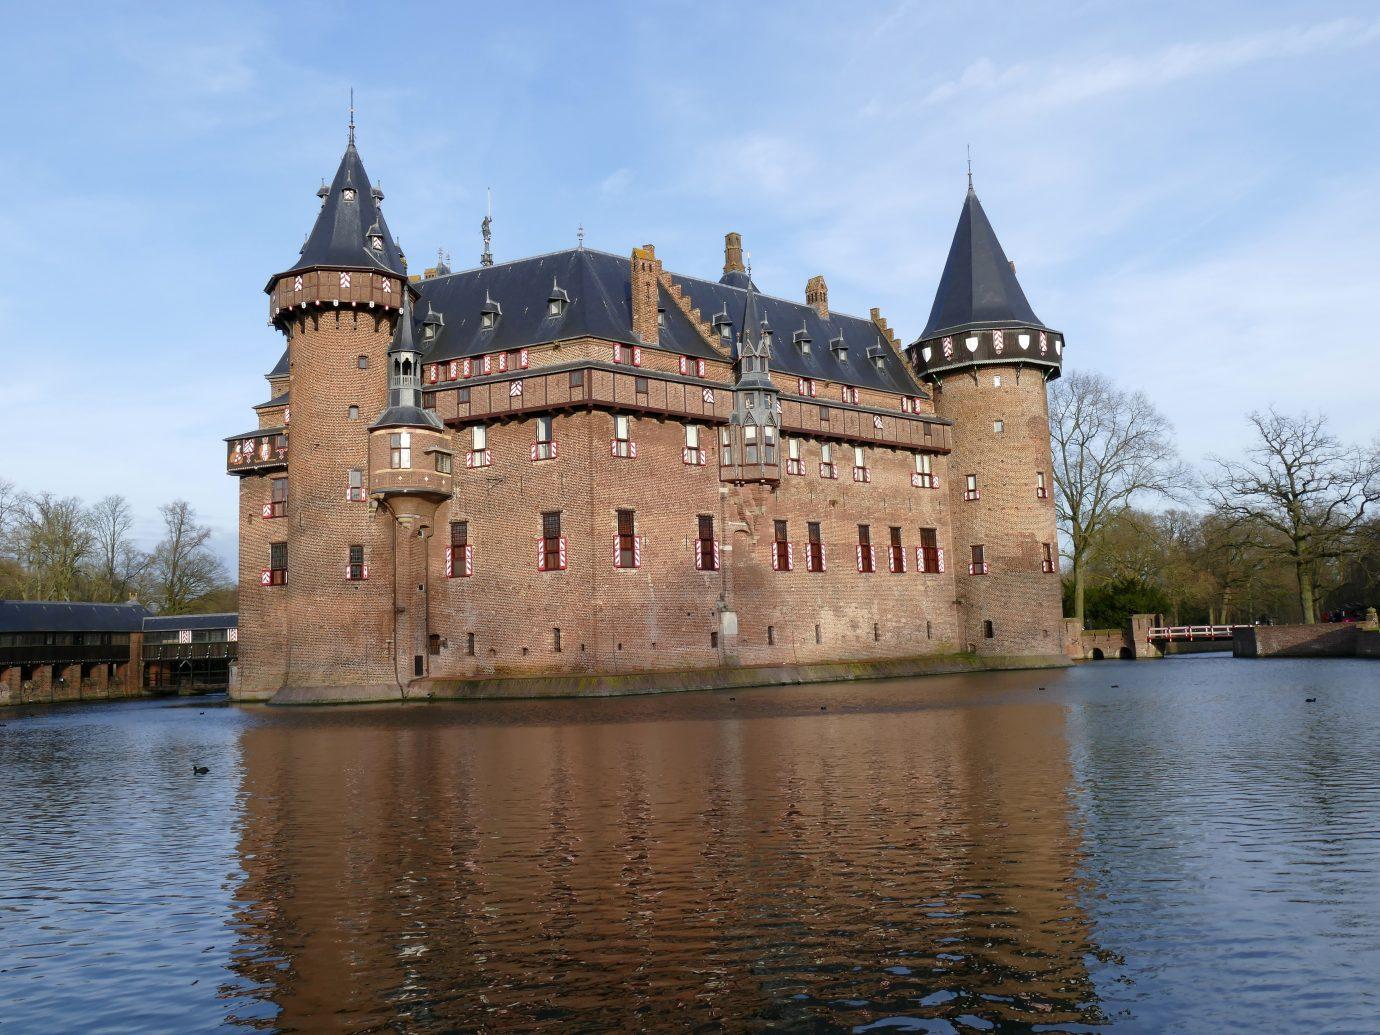 An exterior view of Castle de Haar of the Netherlands.